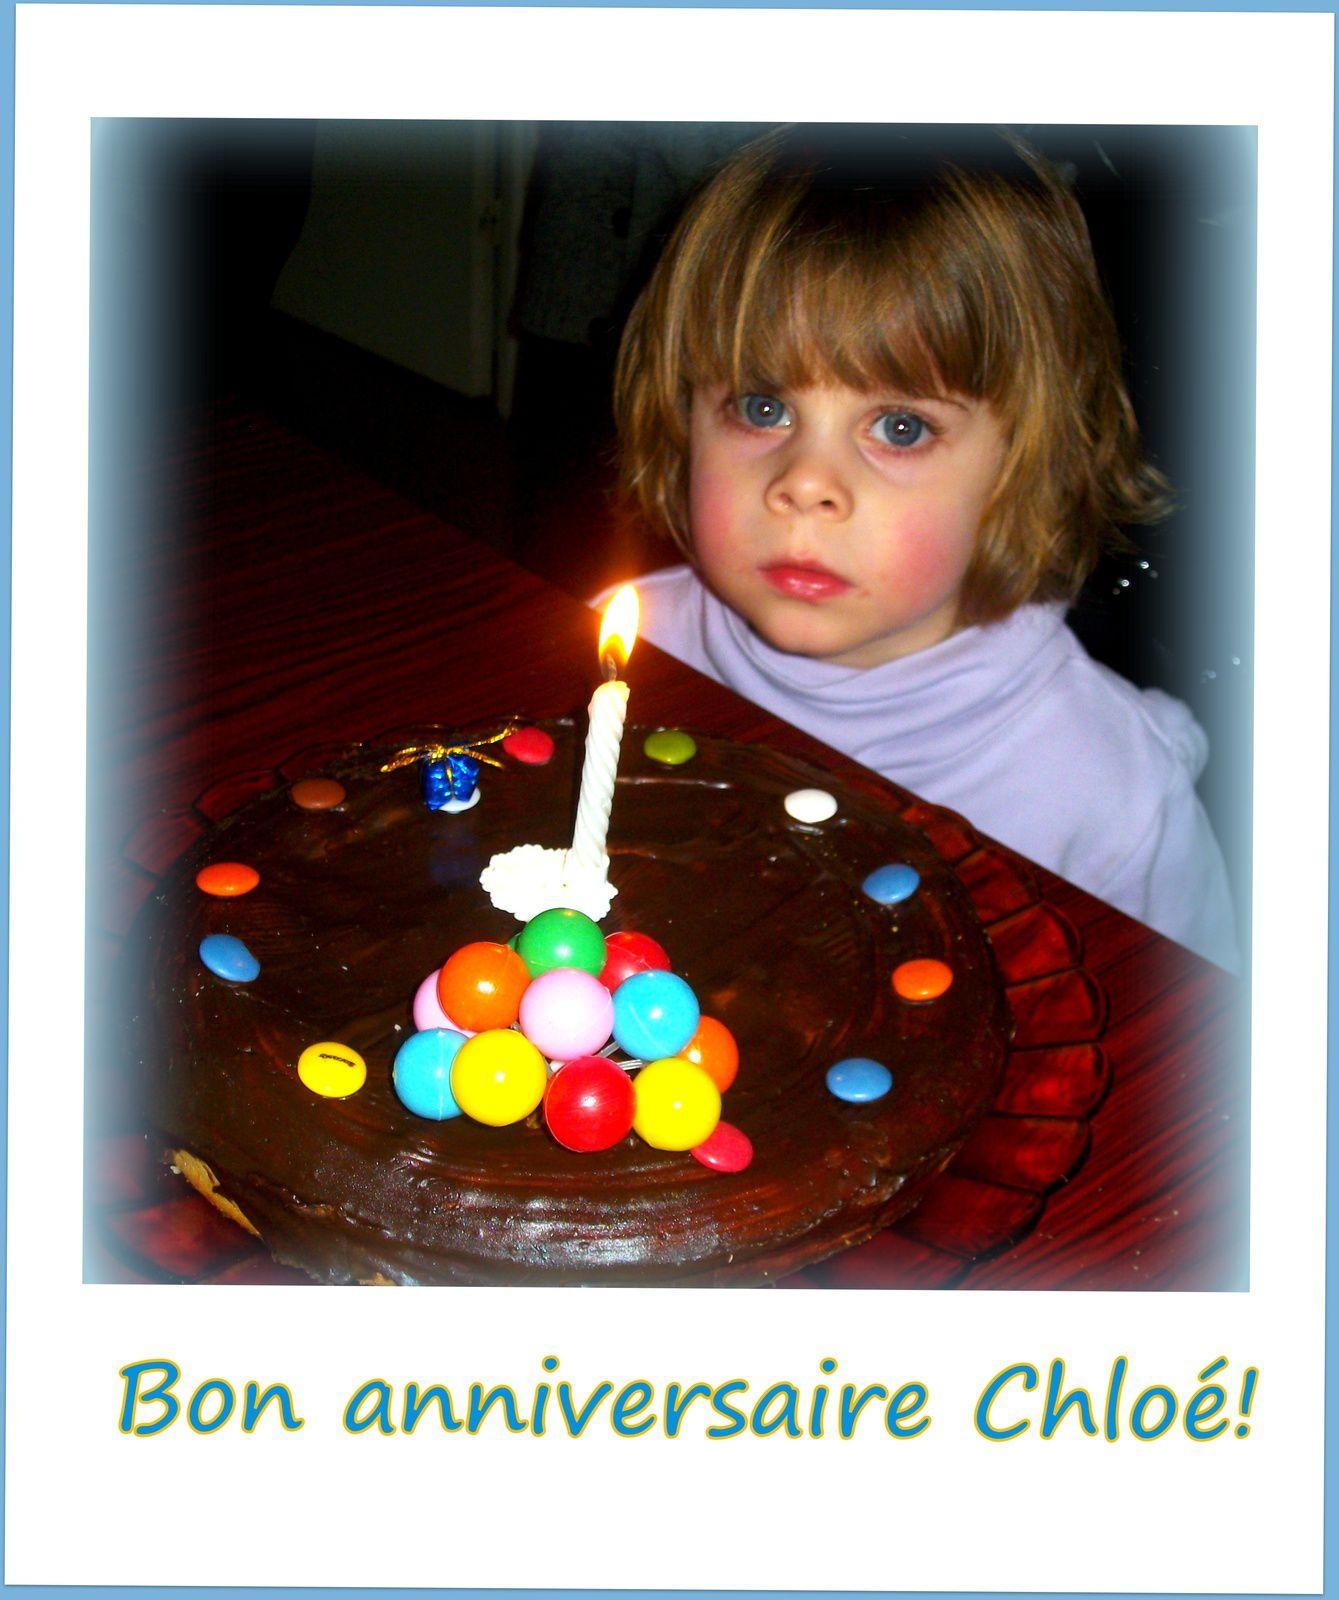 Bon anniversaire Boudini! =)